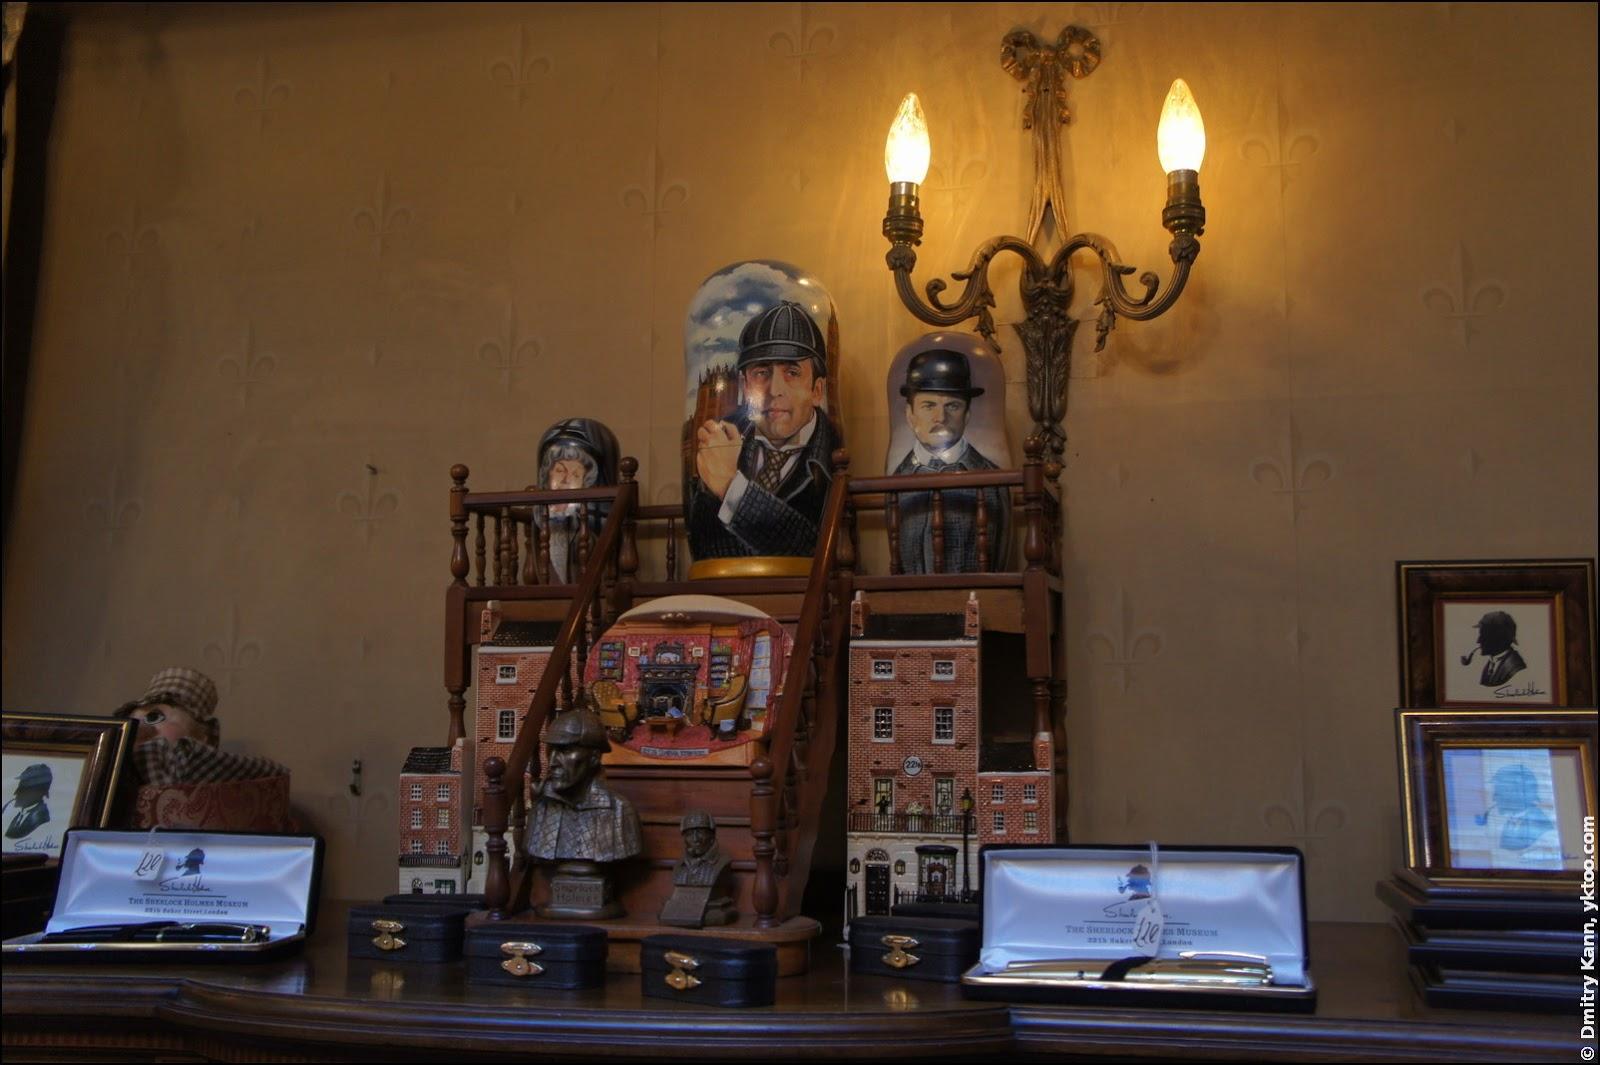 Лавка музея Шерлока Холмса: Рина Зелёная, Василий Ливанов, Виталий Соломин.